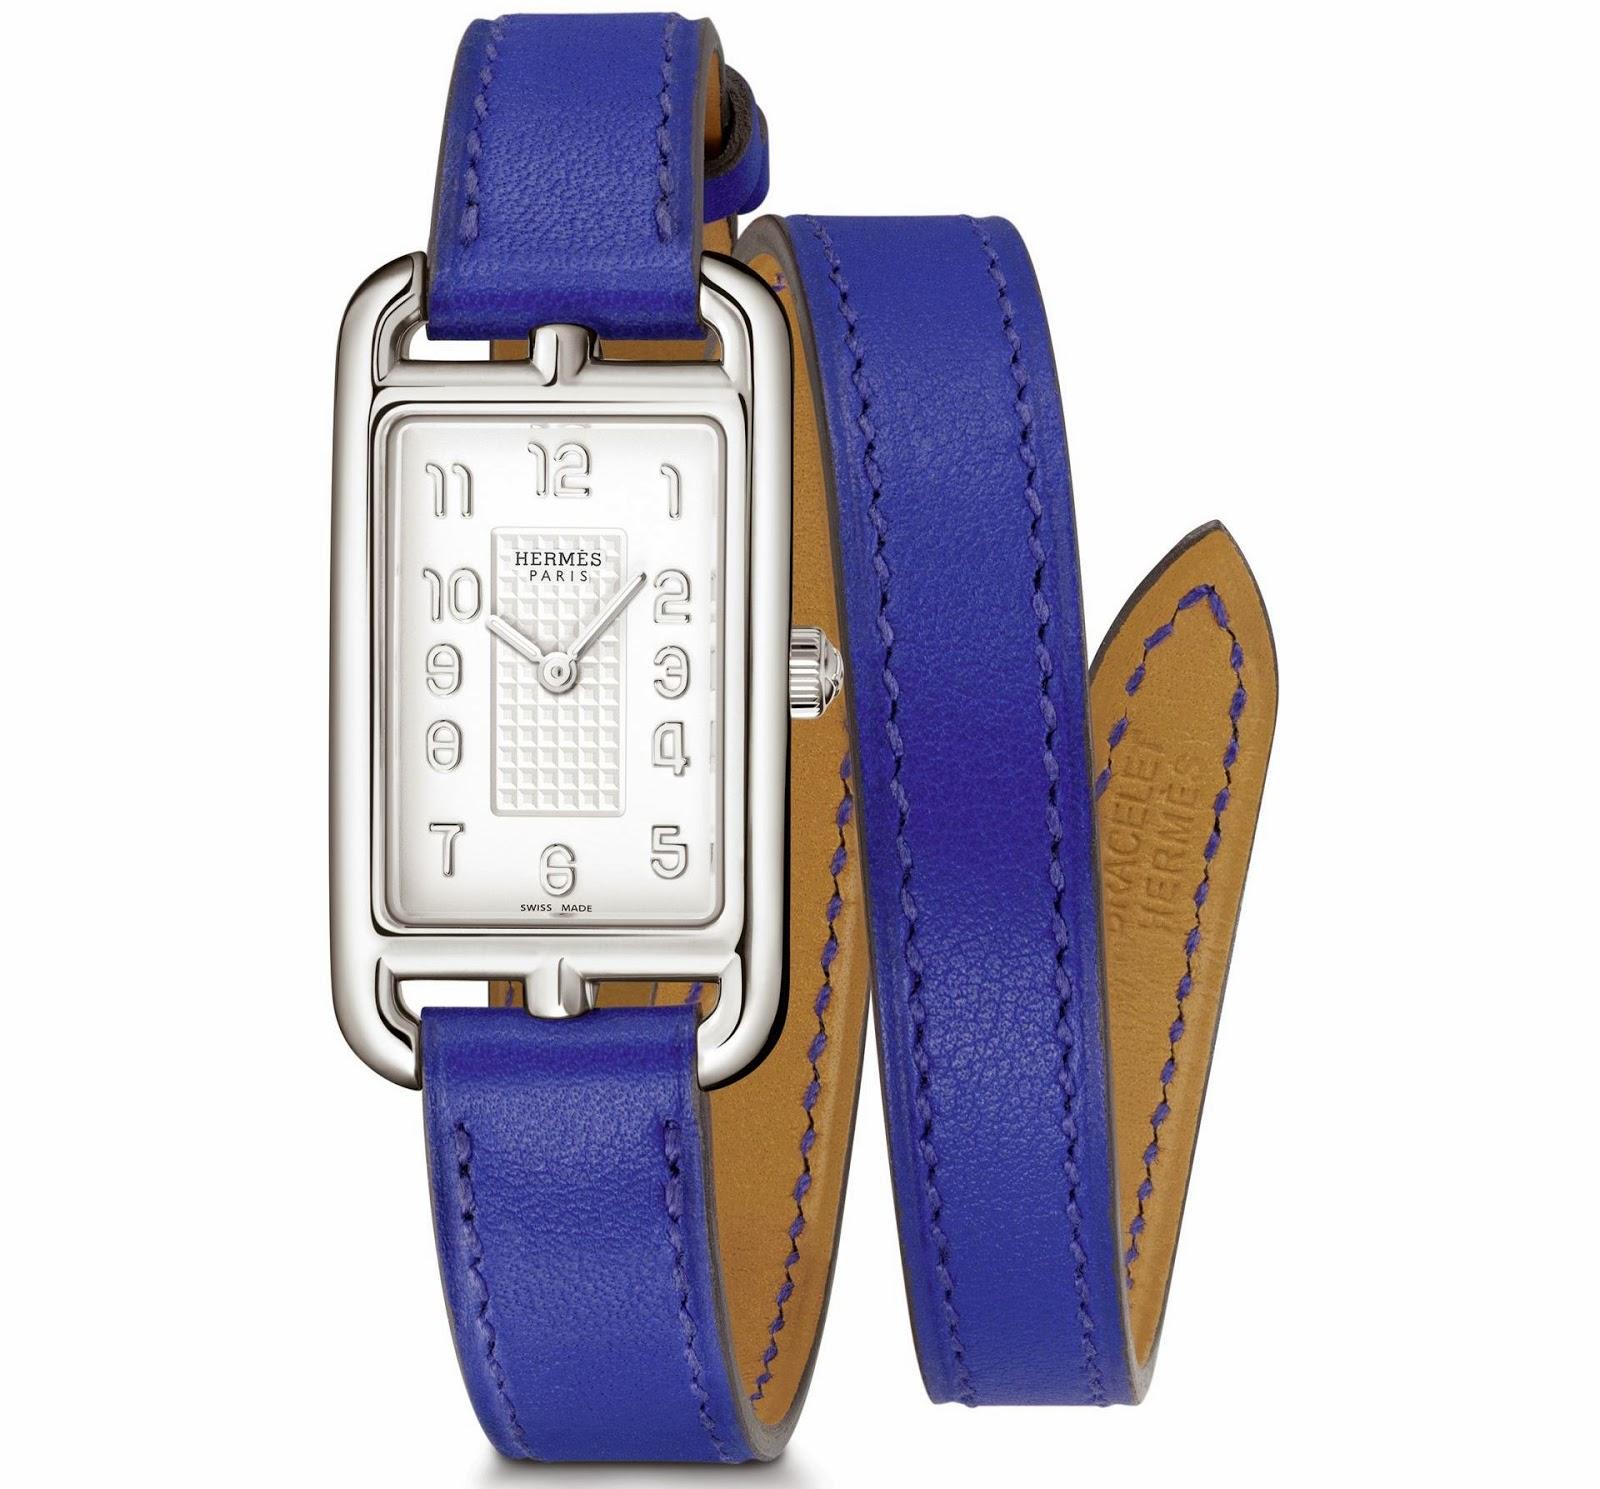 Hermès Nantucket Silverᶧ watch